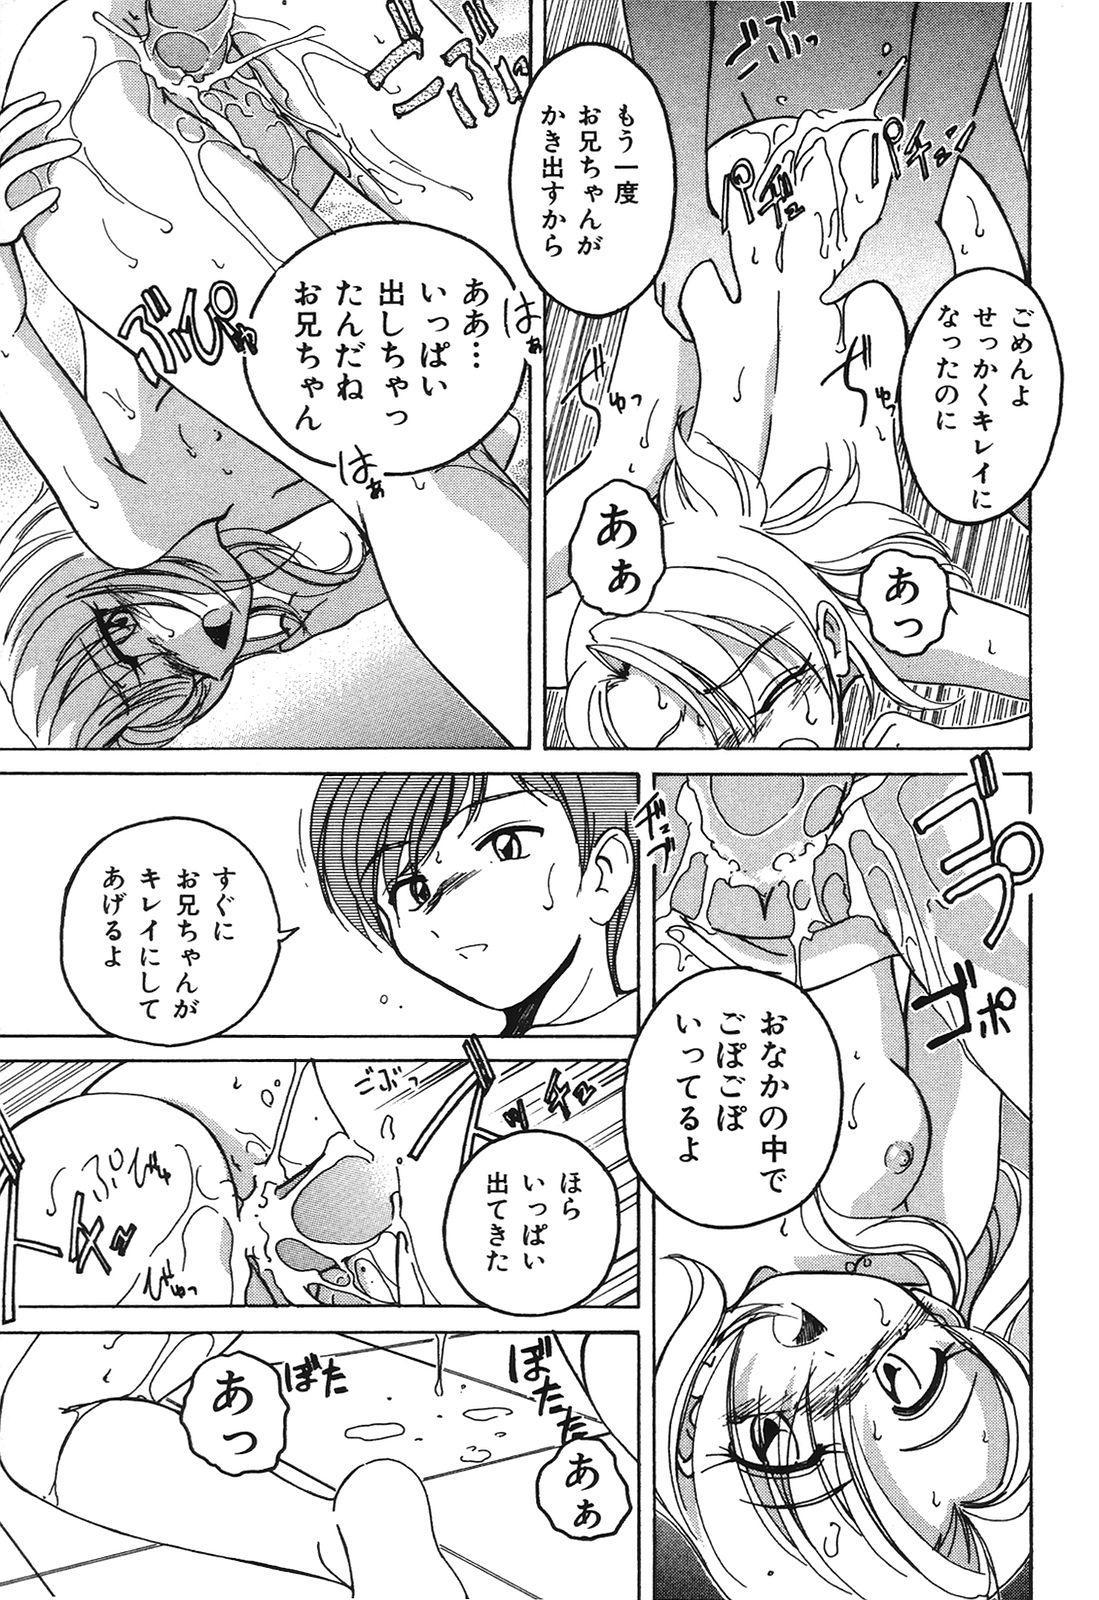 Omake No Musume 63